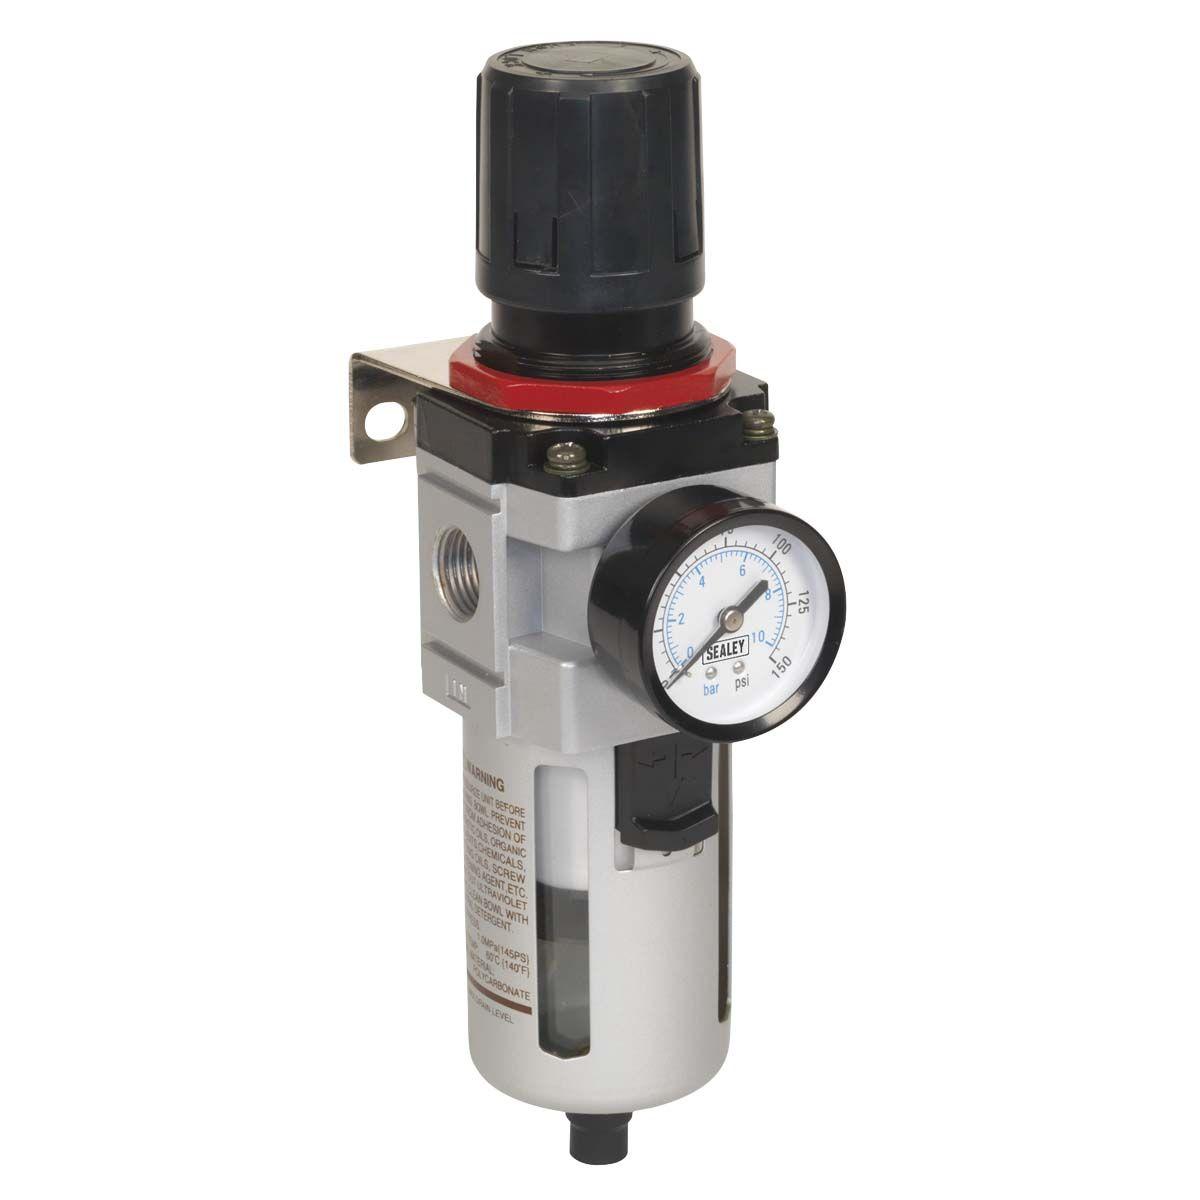 Sealey Air Filter/Regulator - High Flow